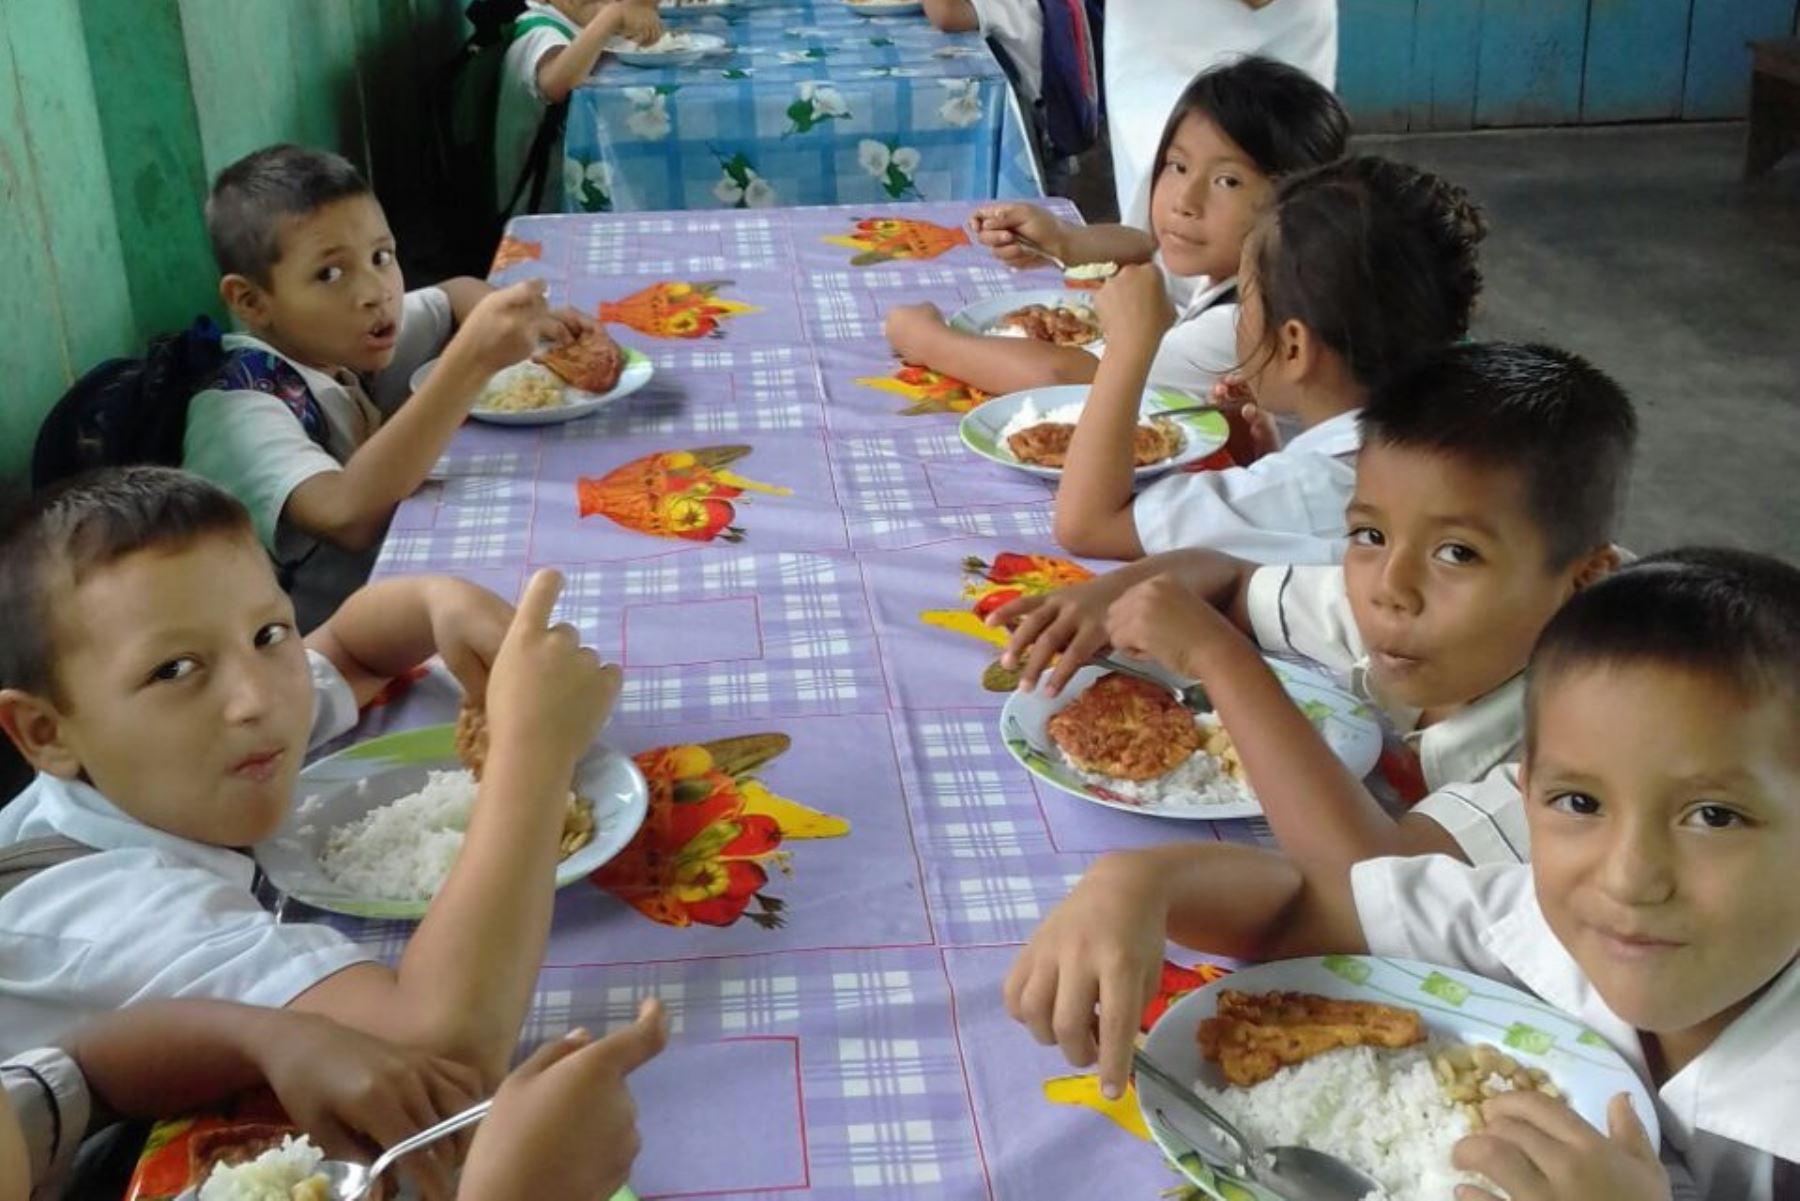 El 12 de marzo se iniciaron las clases a escala nacional y, desde ese entonces, el Programa Nacional de Alimentación Escolar Qali Warma brinda servicio alimentario de calidad a 3 millones 769,799 estudiantes de 64,133 instituciones educativas públicas en todo el país.ANDINA